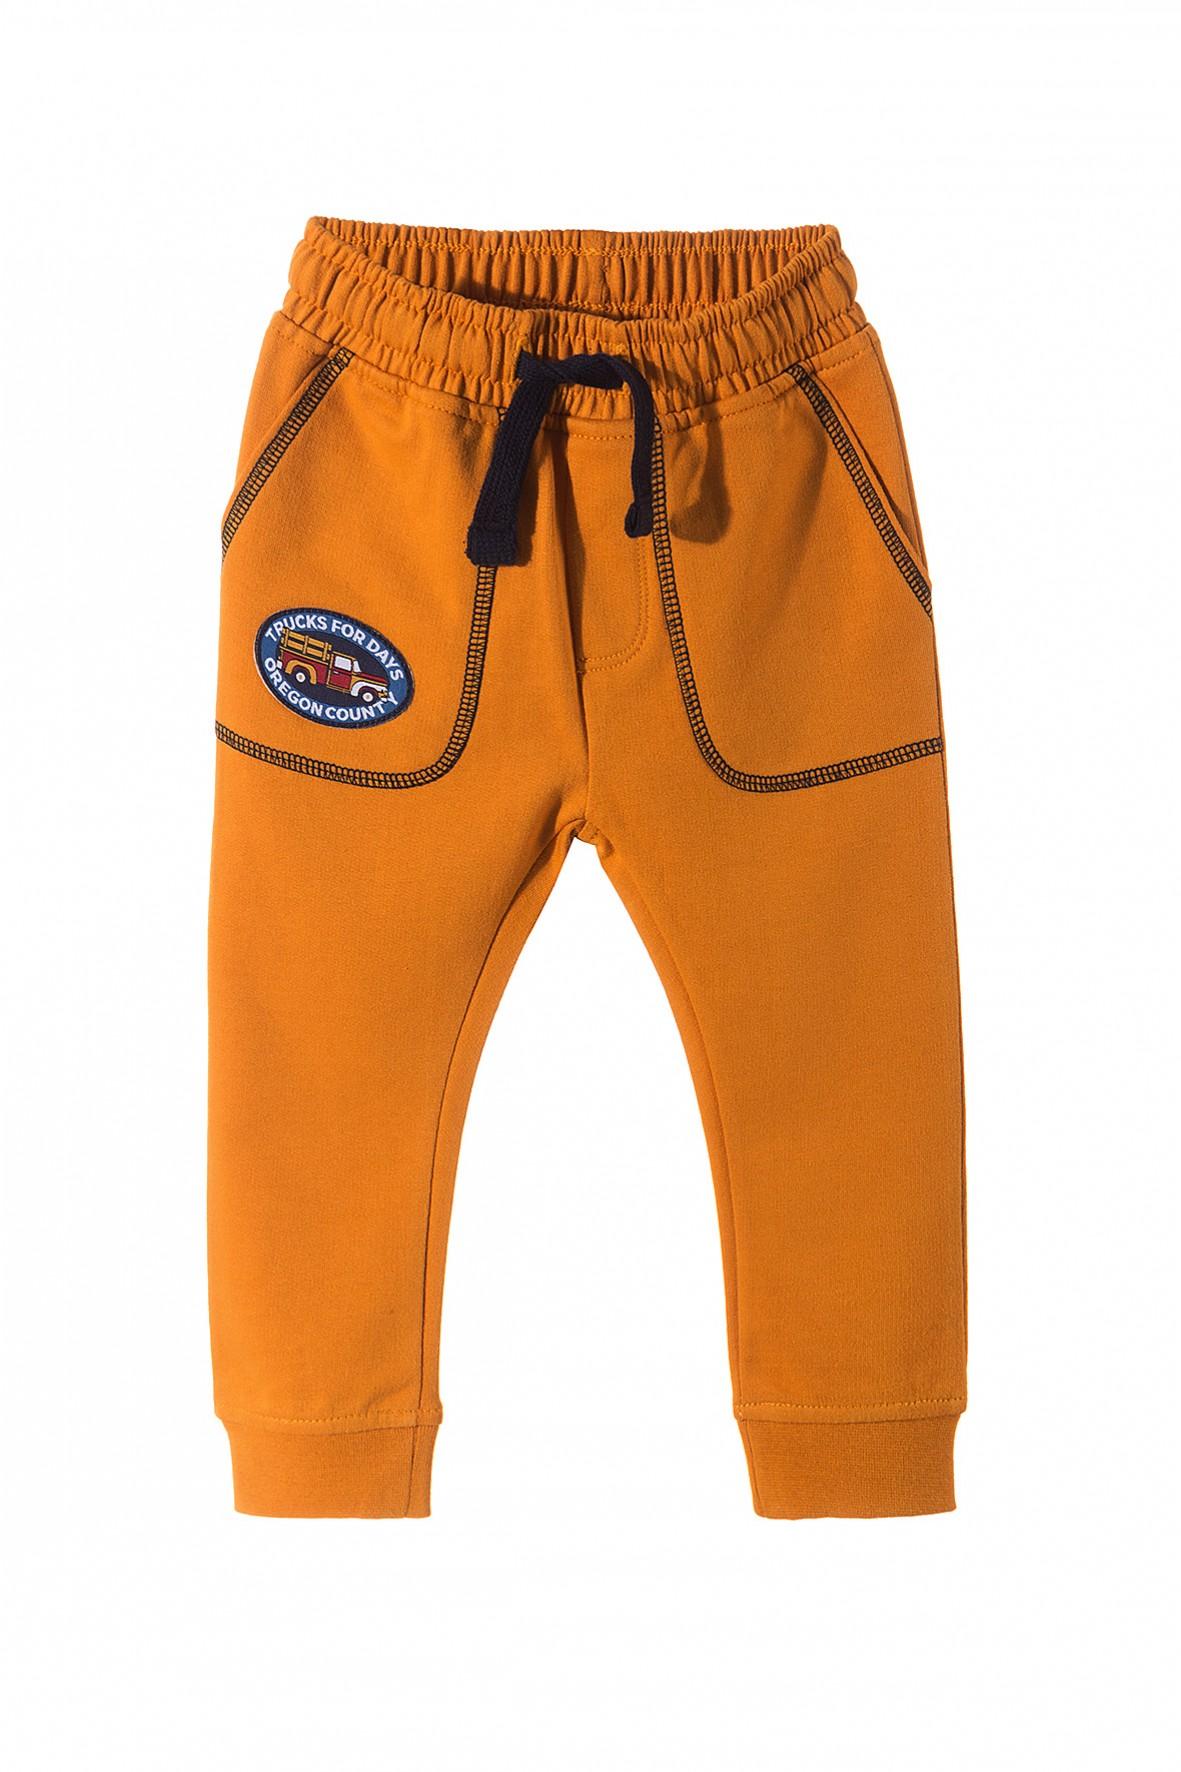 520cdd54e85b6 Spodnie dresowe dla chłopca z kieszeniami- nogawki zakończone ...